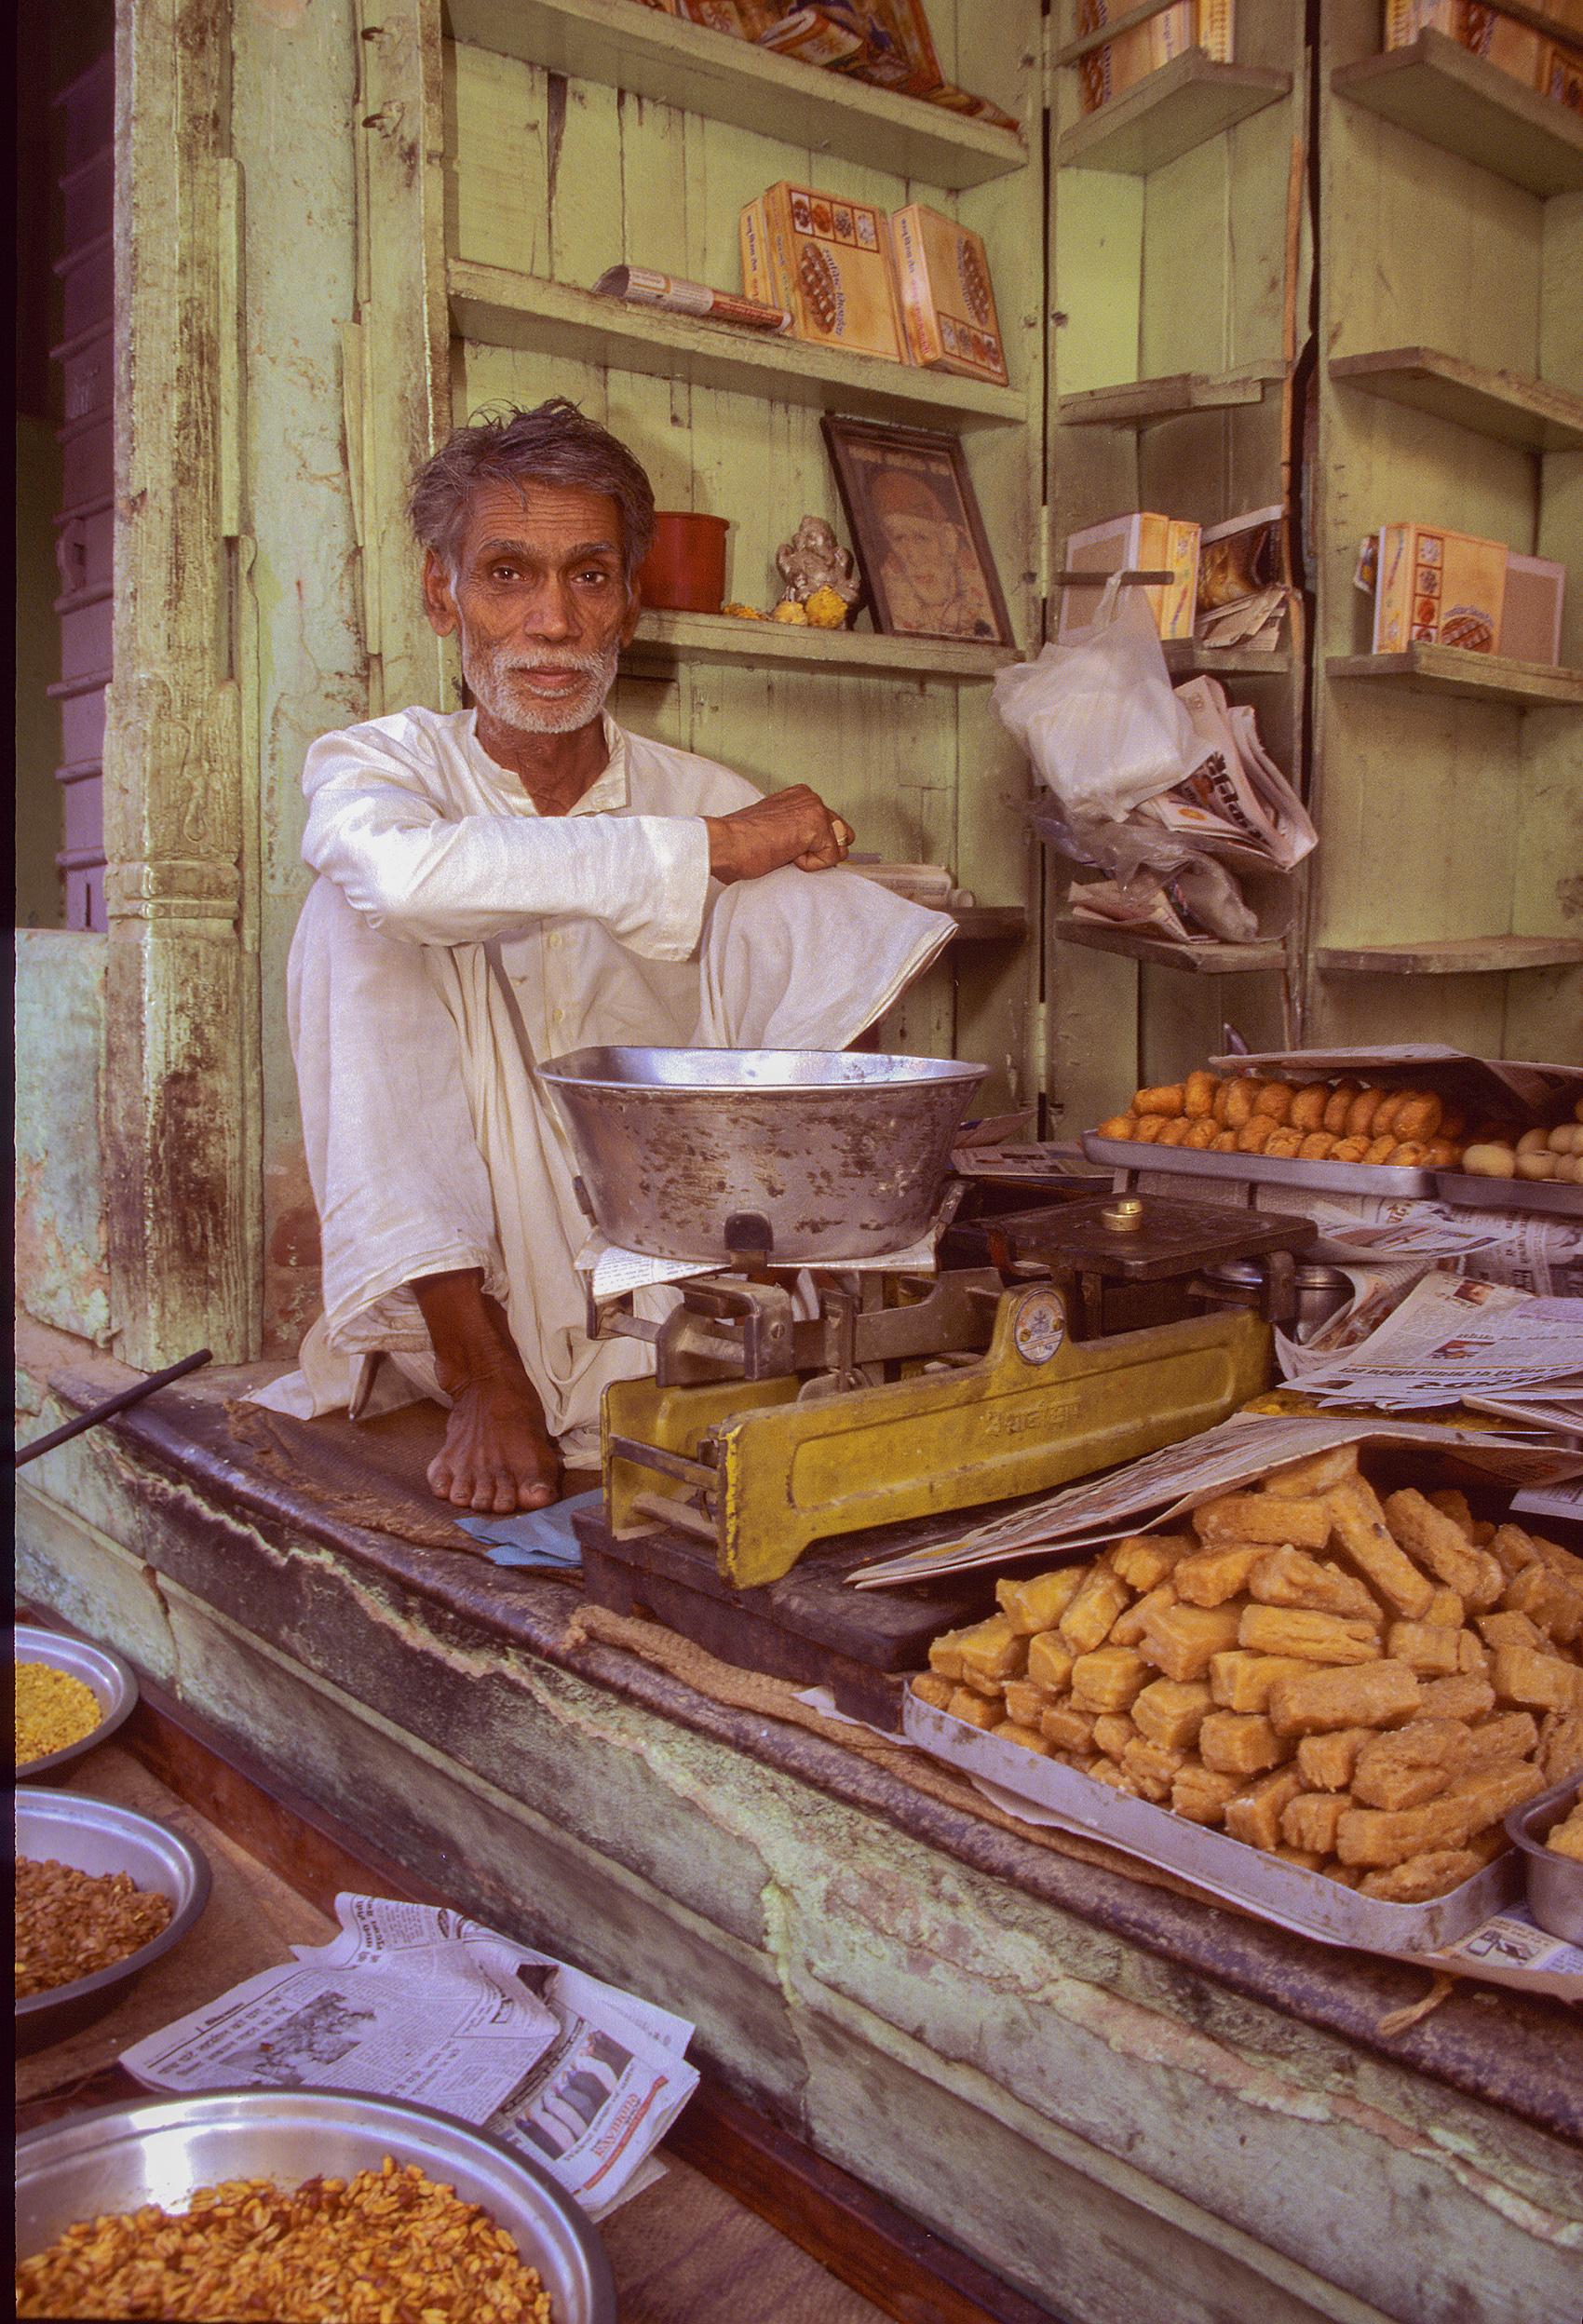 Shopkeeper, Rajasthan, India